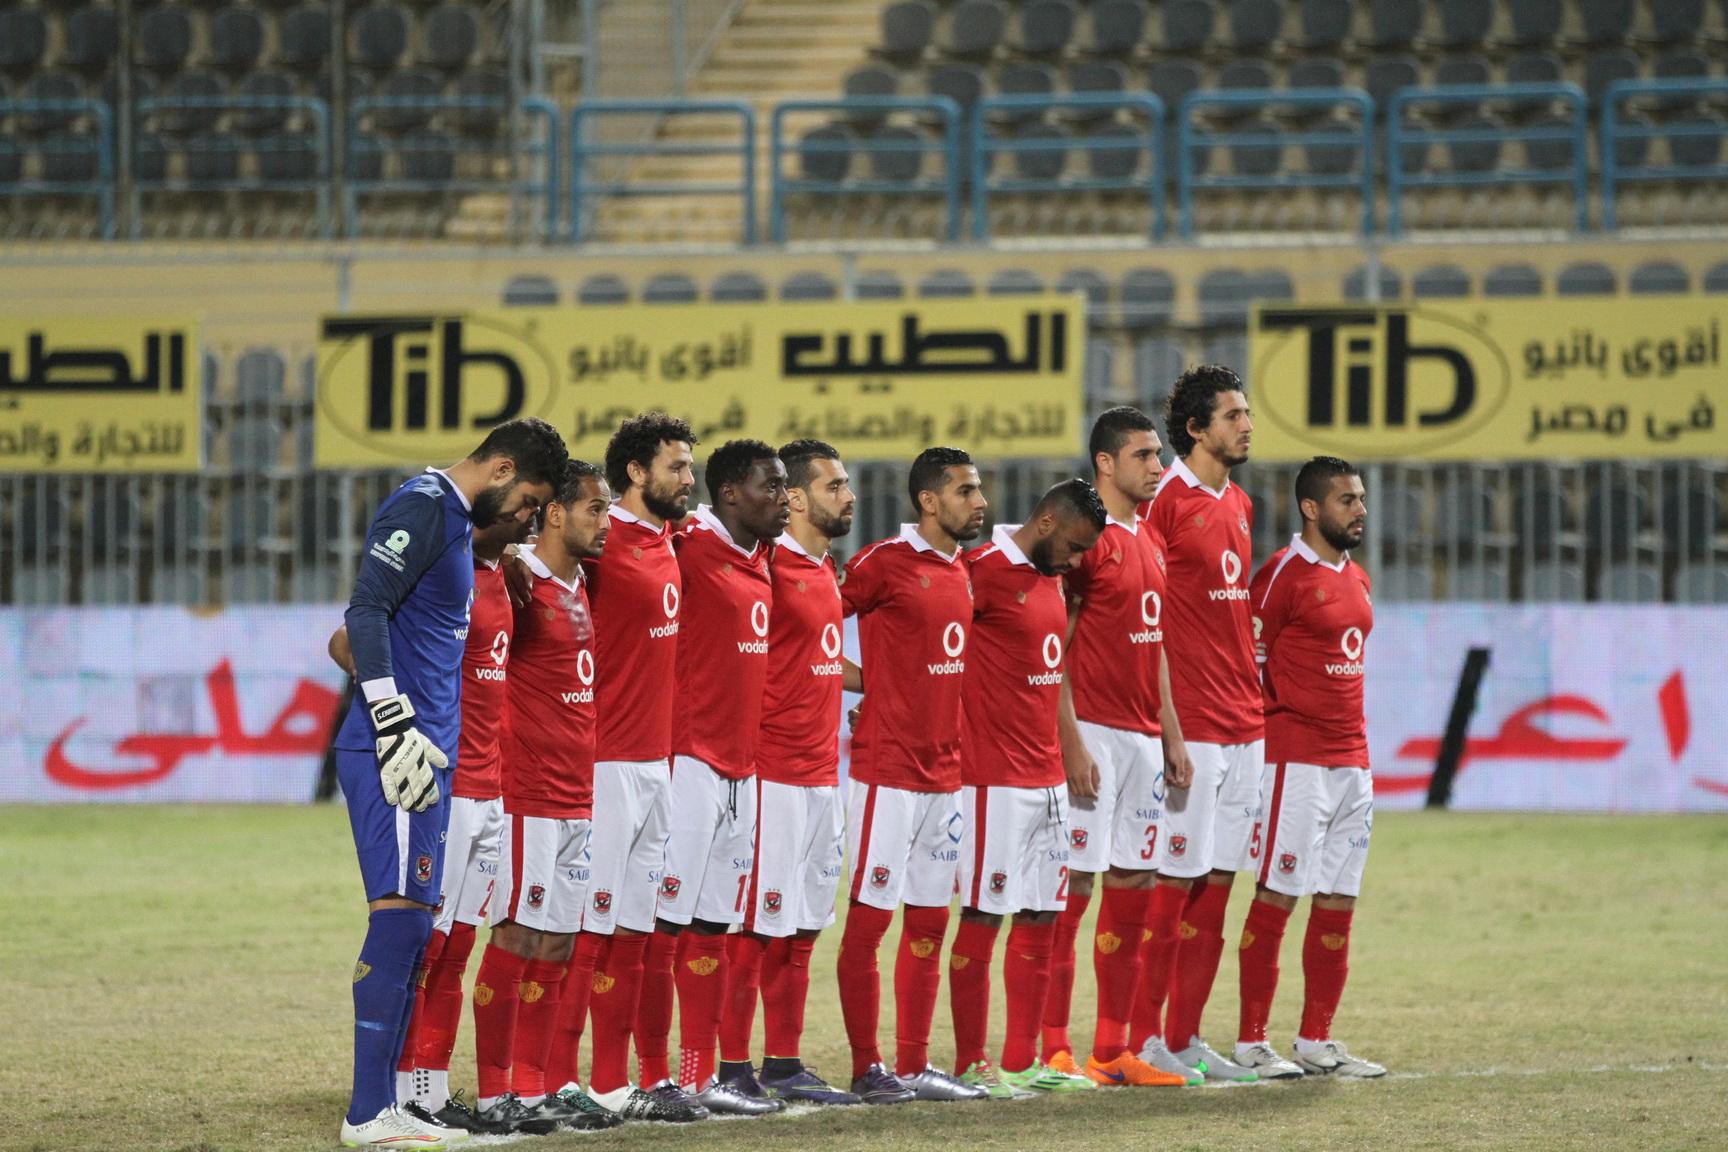 الأهلي المصري يتلقى دعوة من فريق الكويت لخوض مباراة ودية قناة الغد